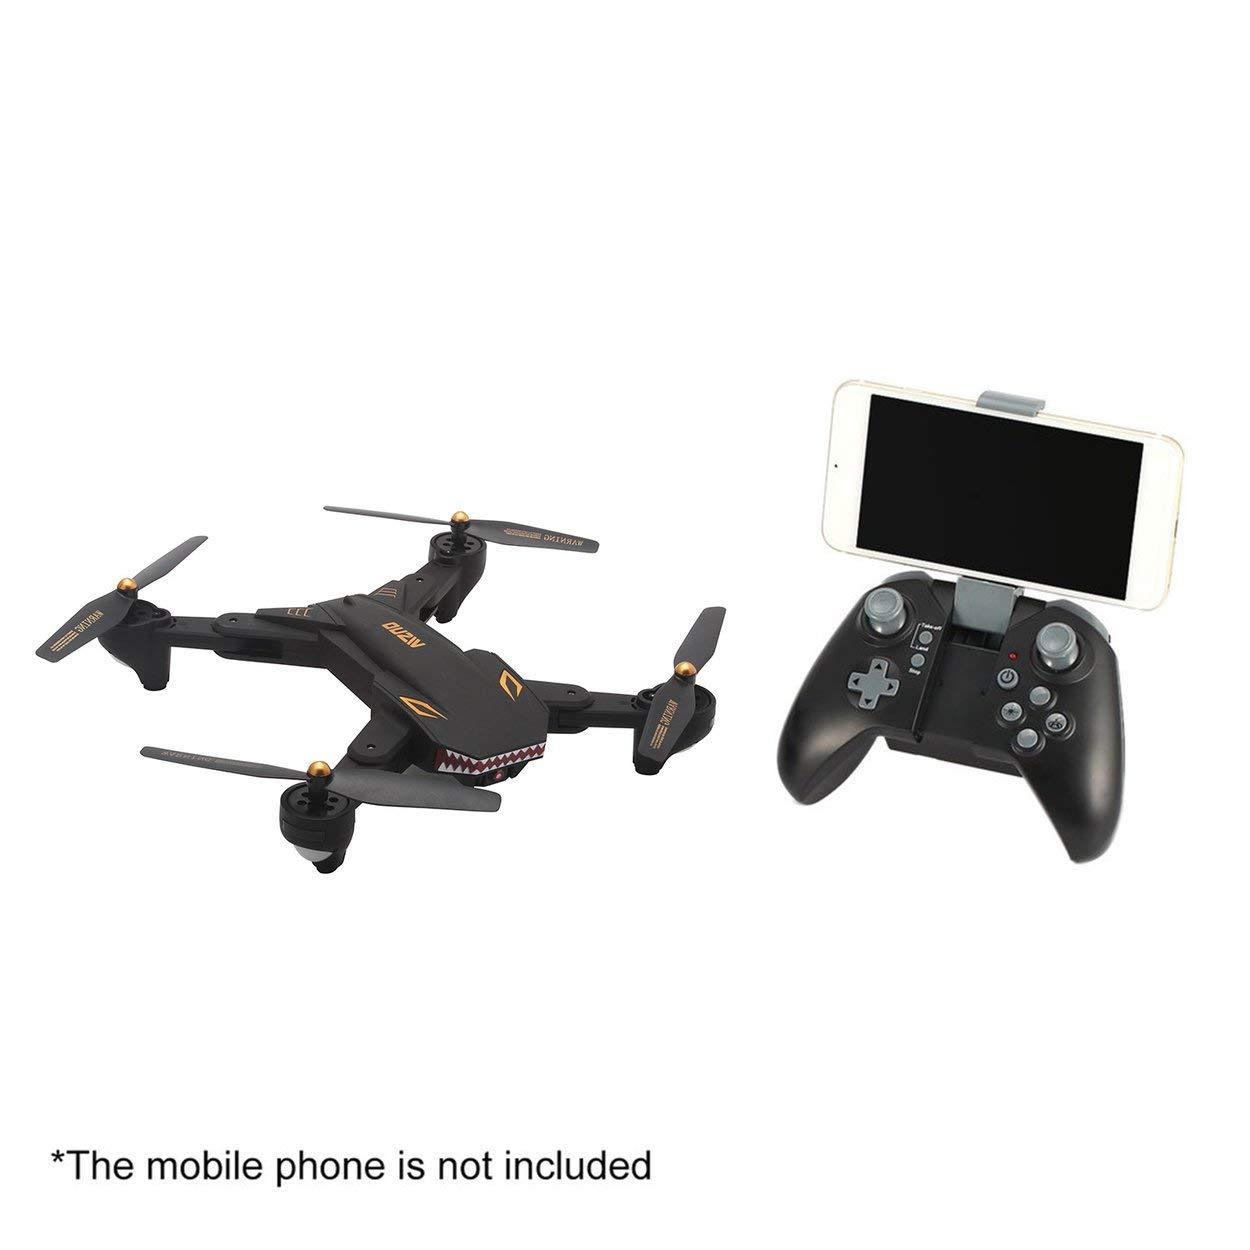 Lorenlli XS809S 2,4G RC Drone mit 0.3MP Kamera 4CH Faltbare Mini Quadrocopter Headless Modus Höhe Halten WiFi FPV Drone